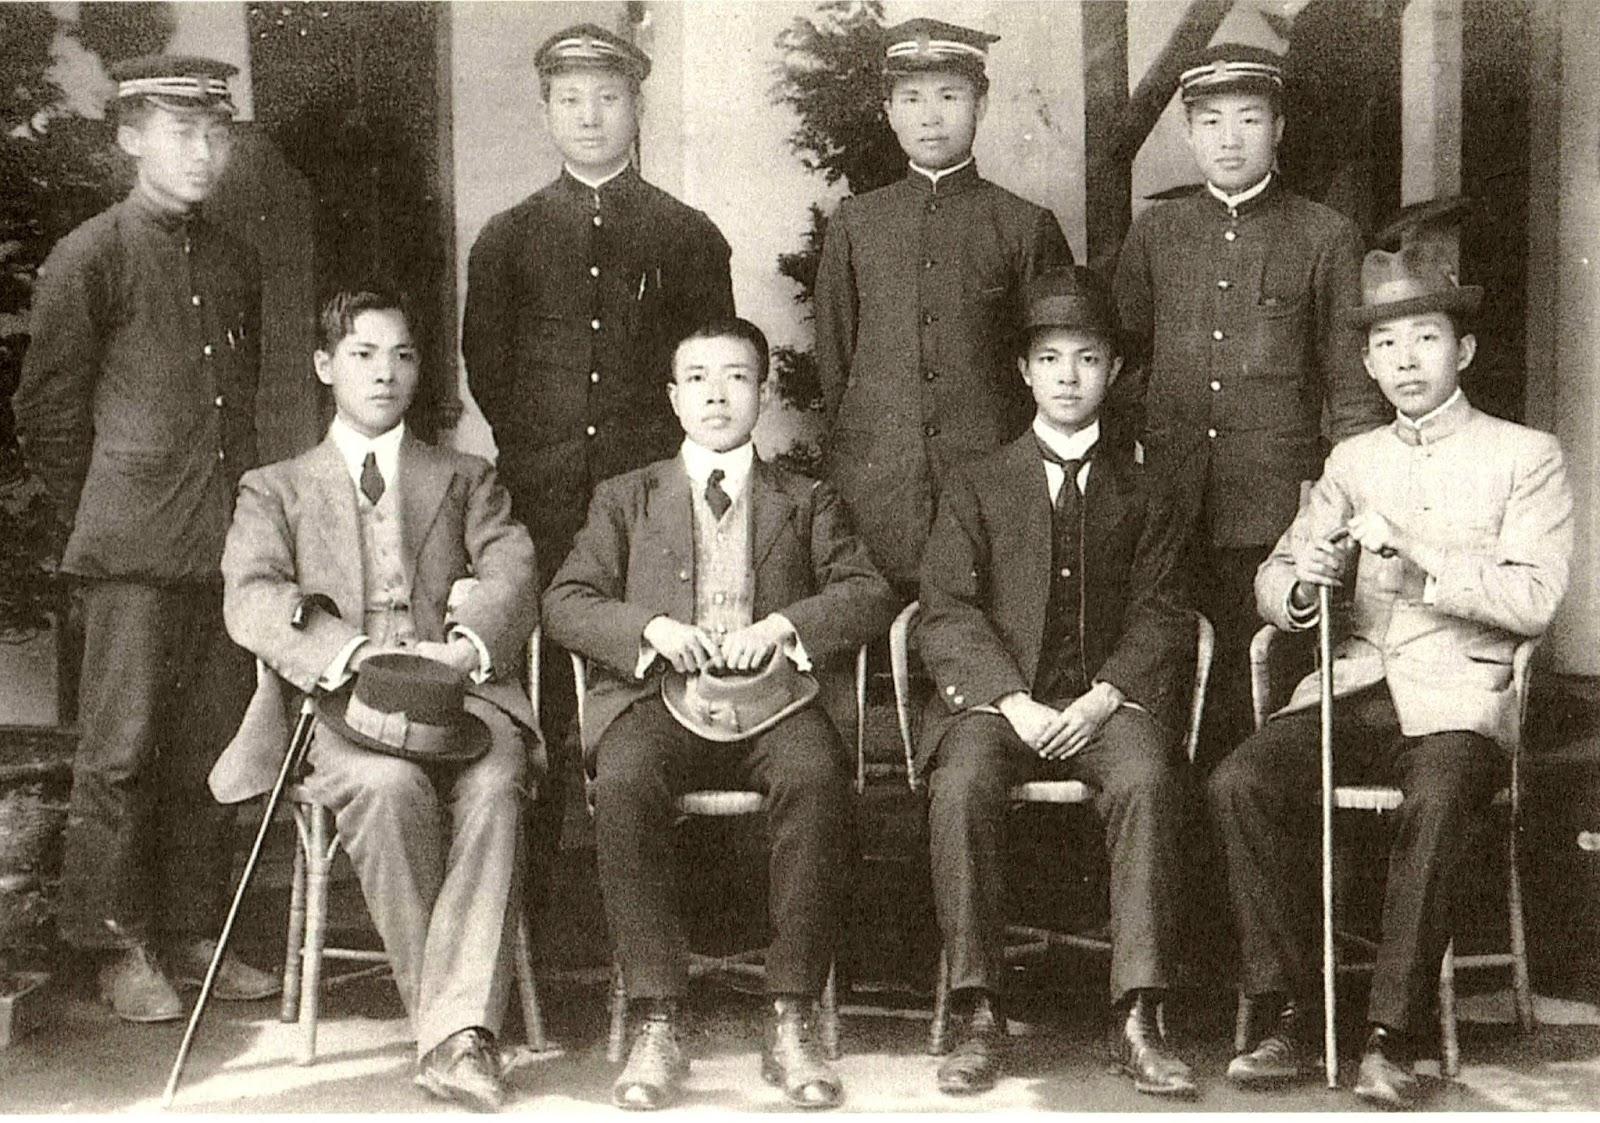 1913年台灣青年謀刺袁世凱的送別合照,前排左二為翁俊明,左三為杜聰明,後排右一為蔣渭水。(圖片提供:杜聰明博士獎學基金管理委員會)